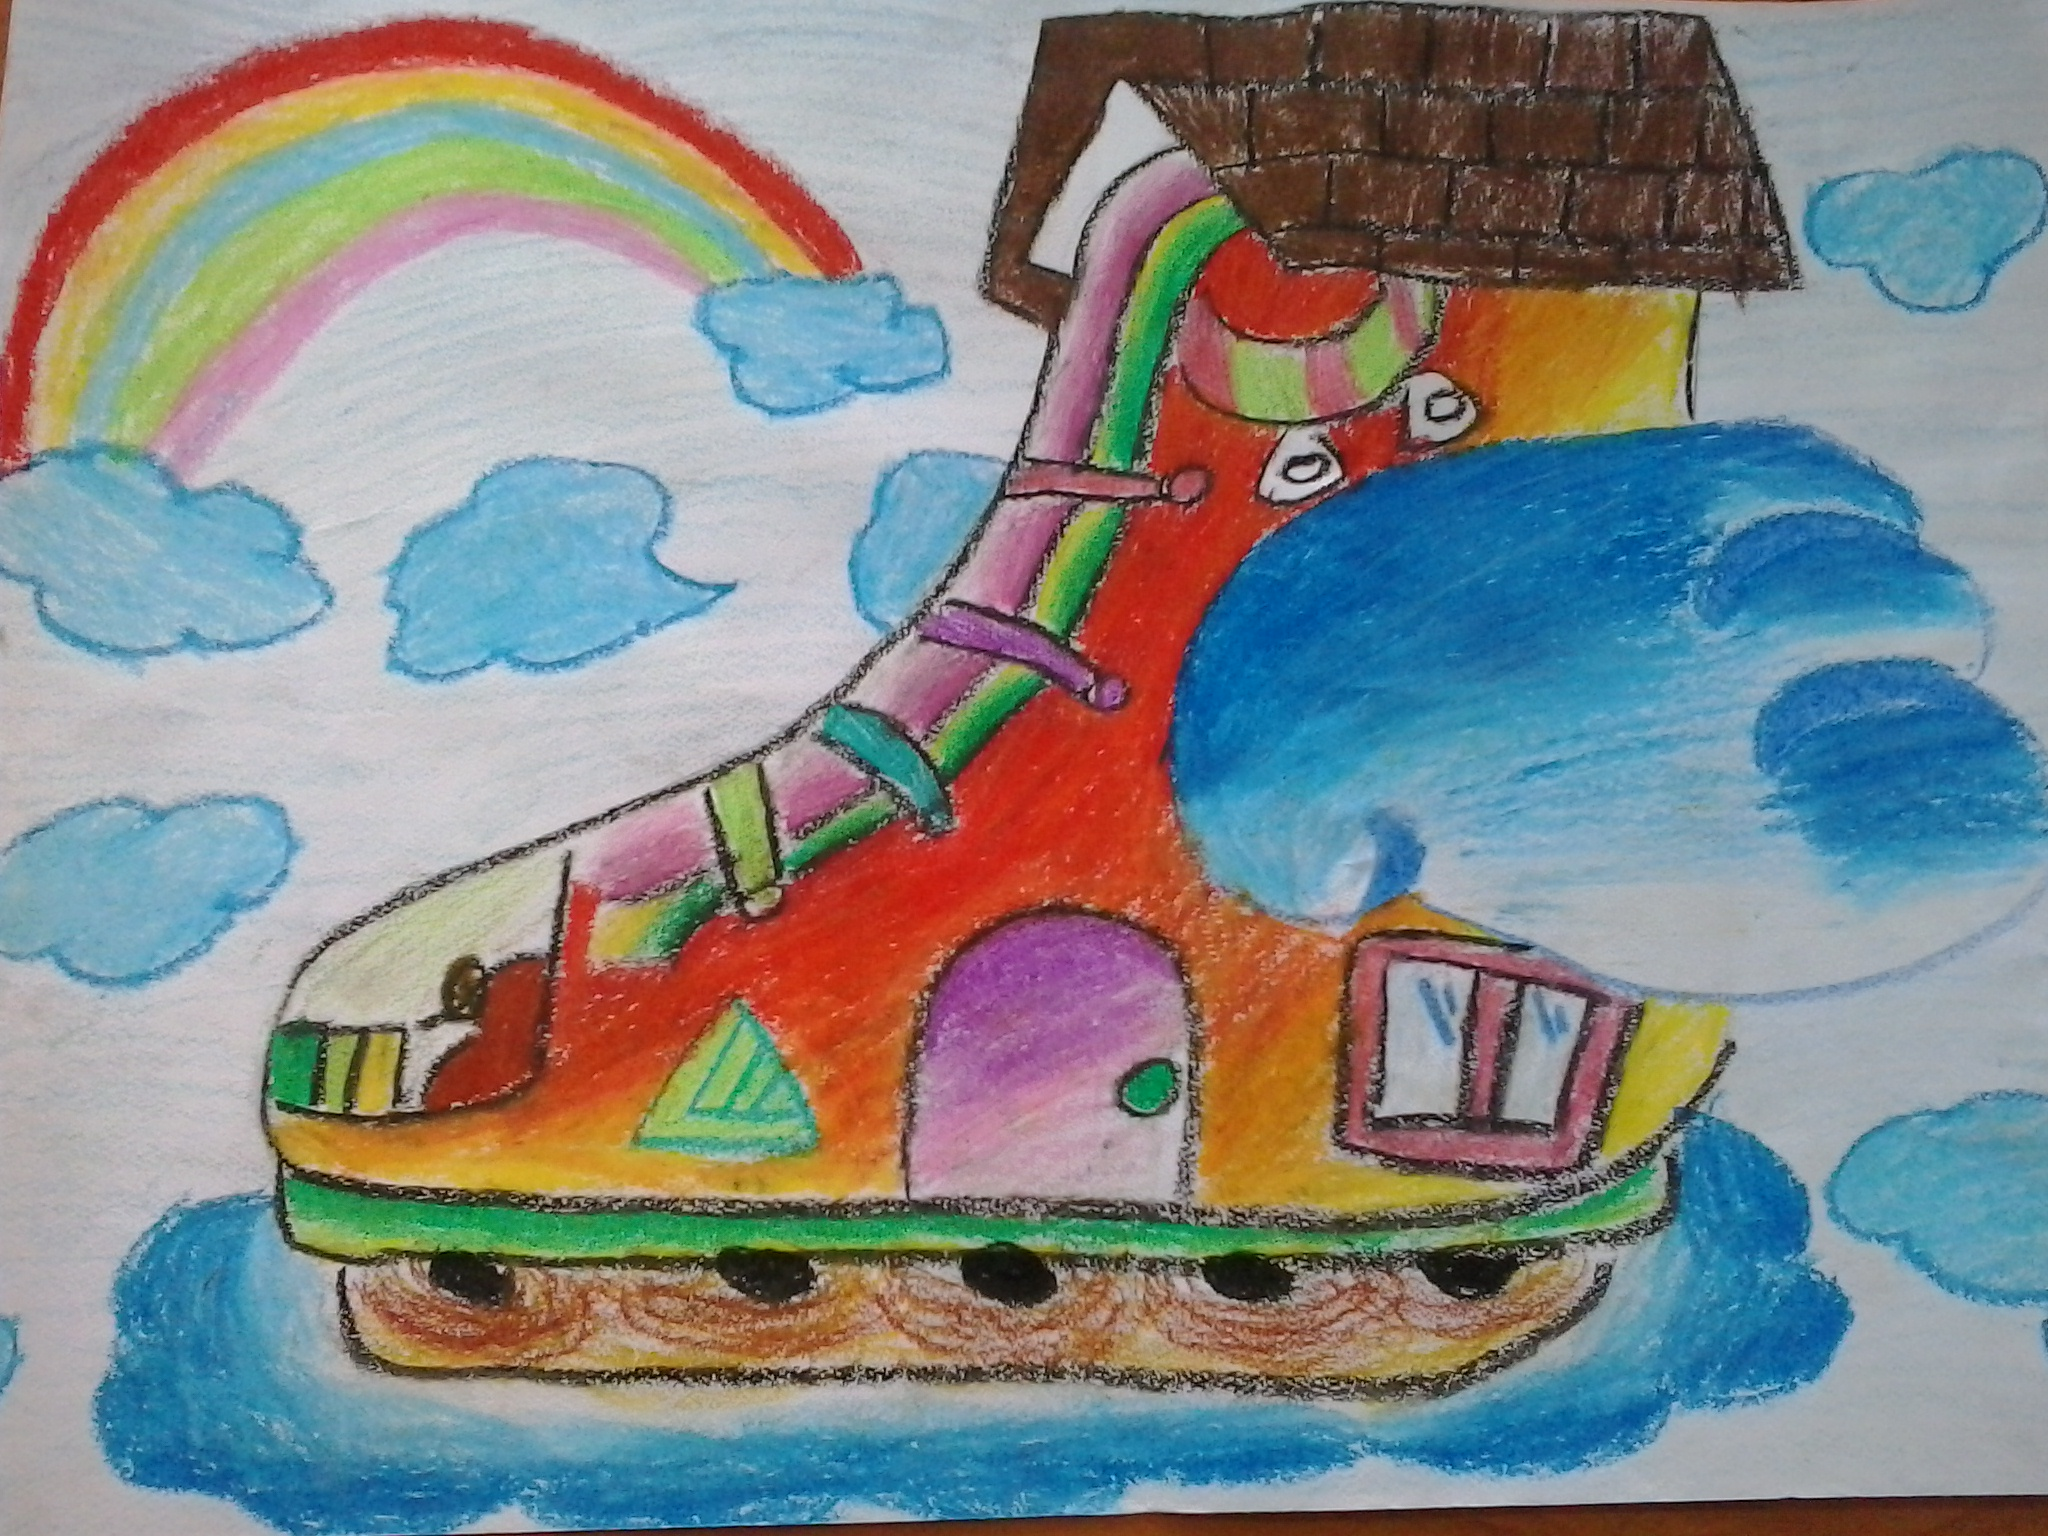 儿童画全国一等奖图片-科幻画大全一等奖图片-三年级画画一等奖作品图片